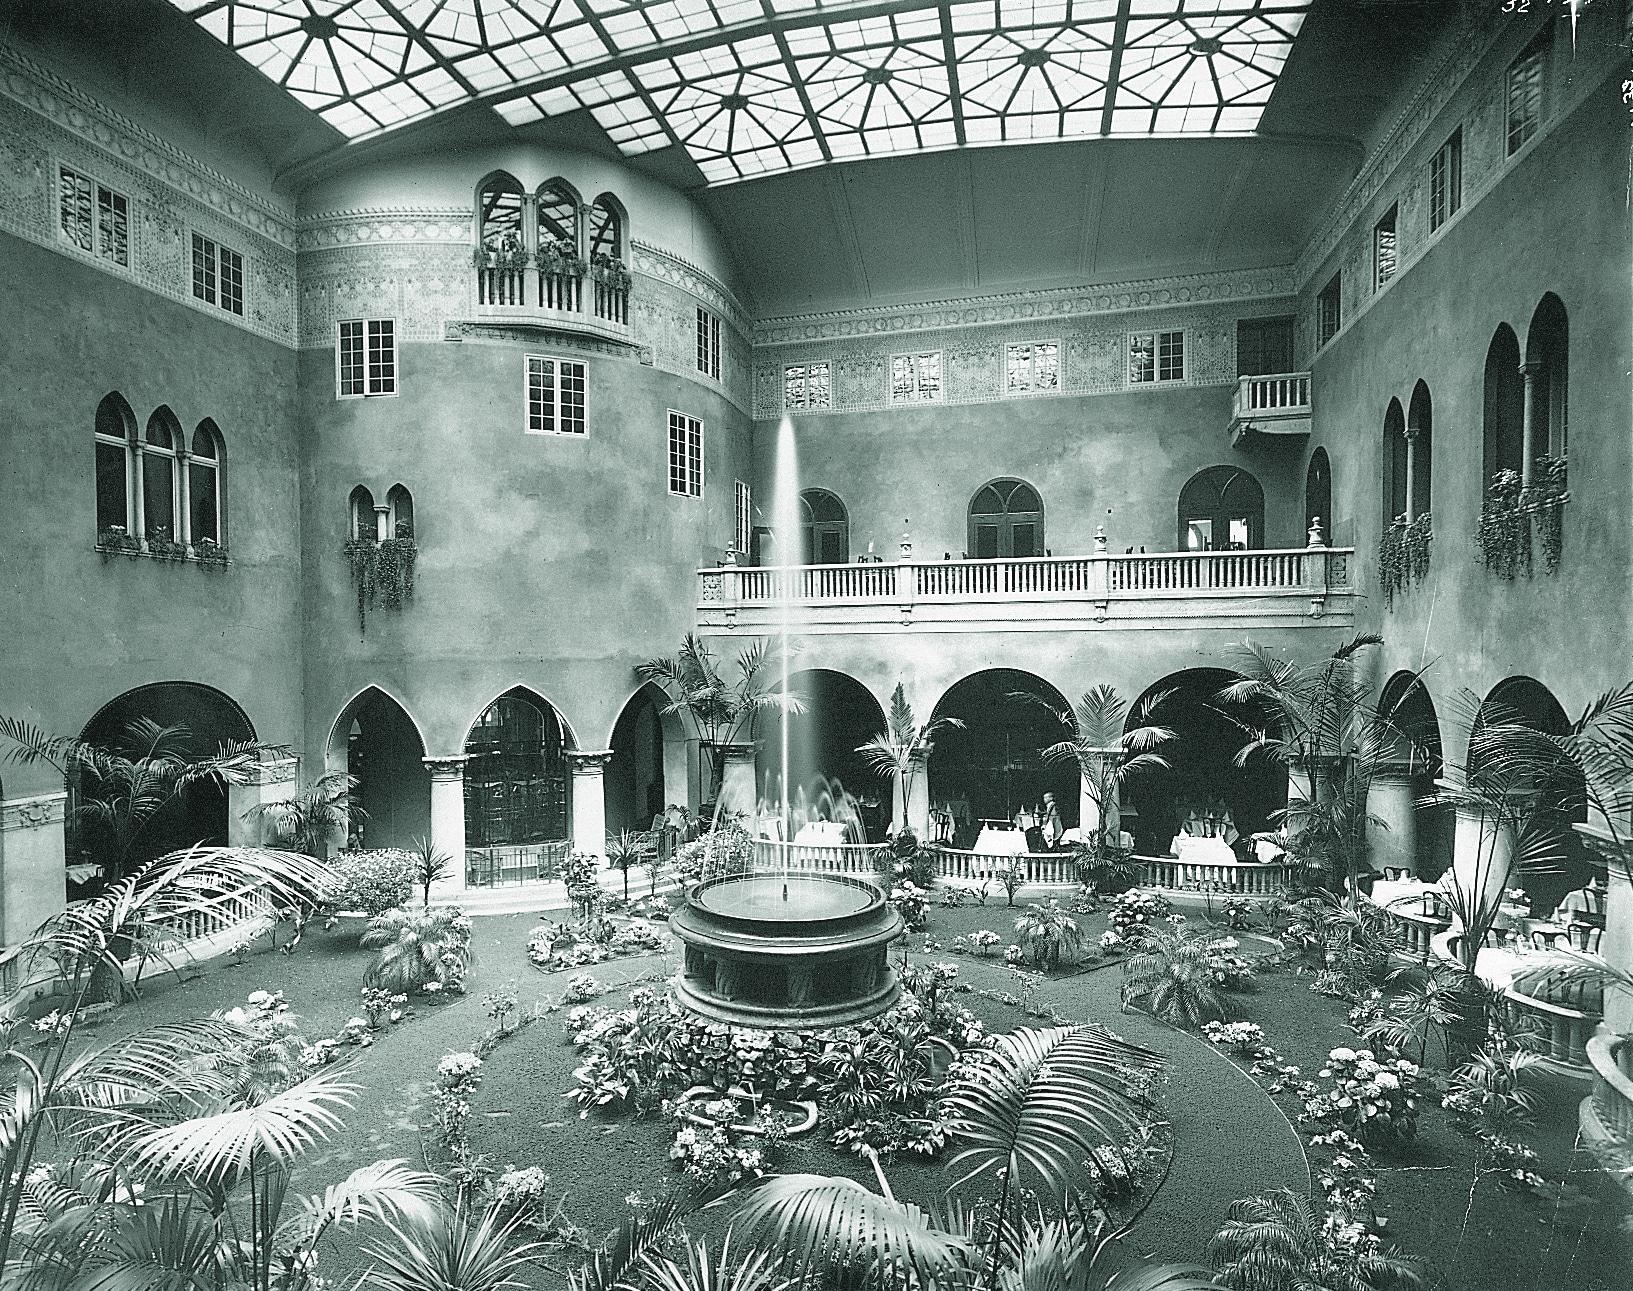 Historisk bild av Vinterträdgården Grand Hotel